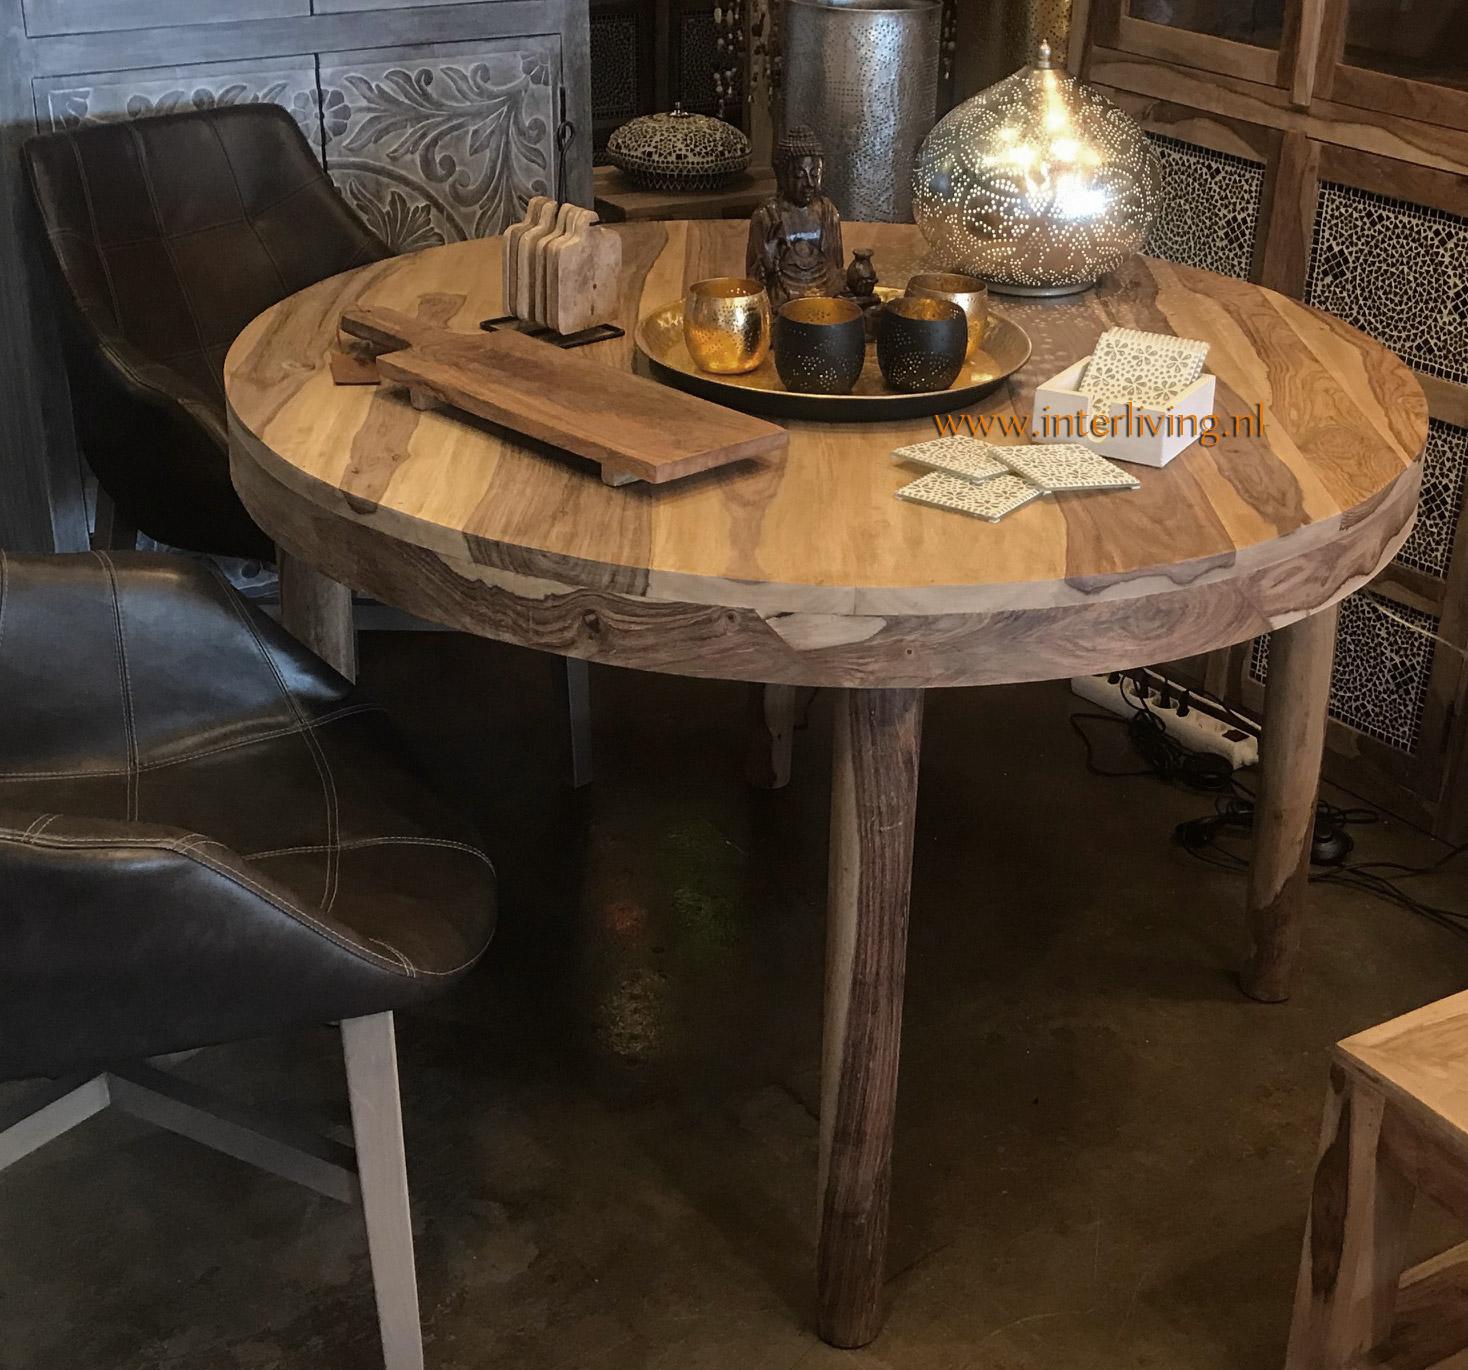 robuuste landelijke eettafel rond - styling interieur - landelijke woonstijl met oosters accent - styling tips ronde eettafel voor je interieur